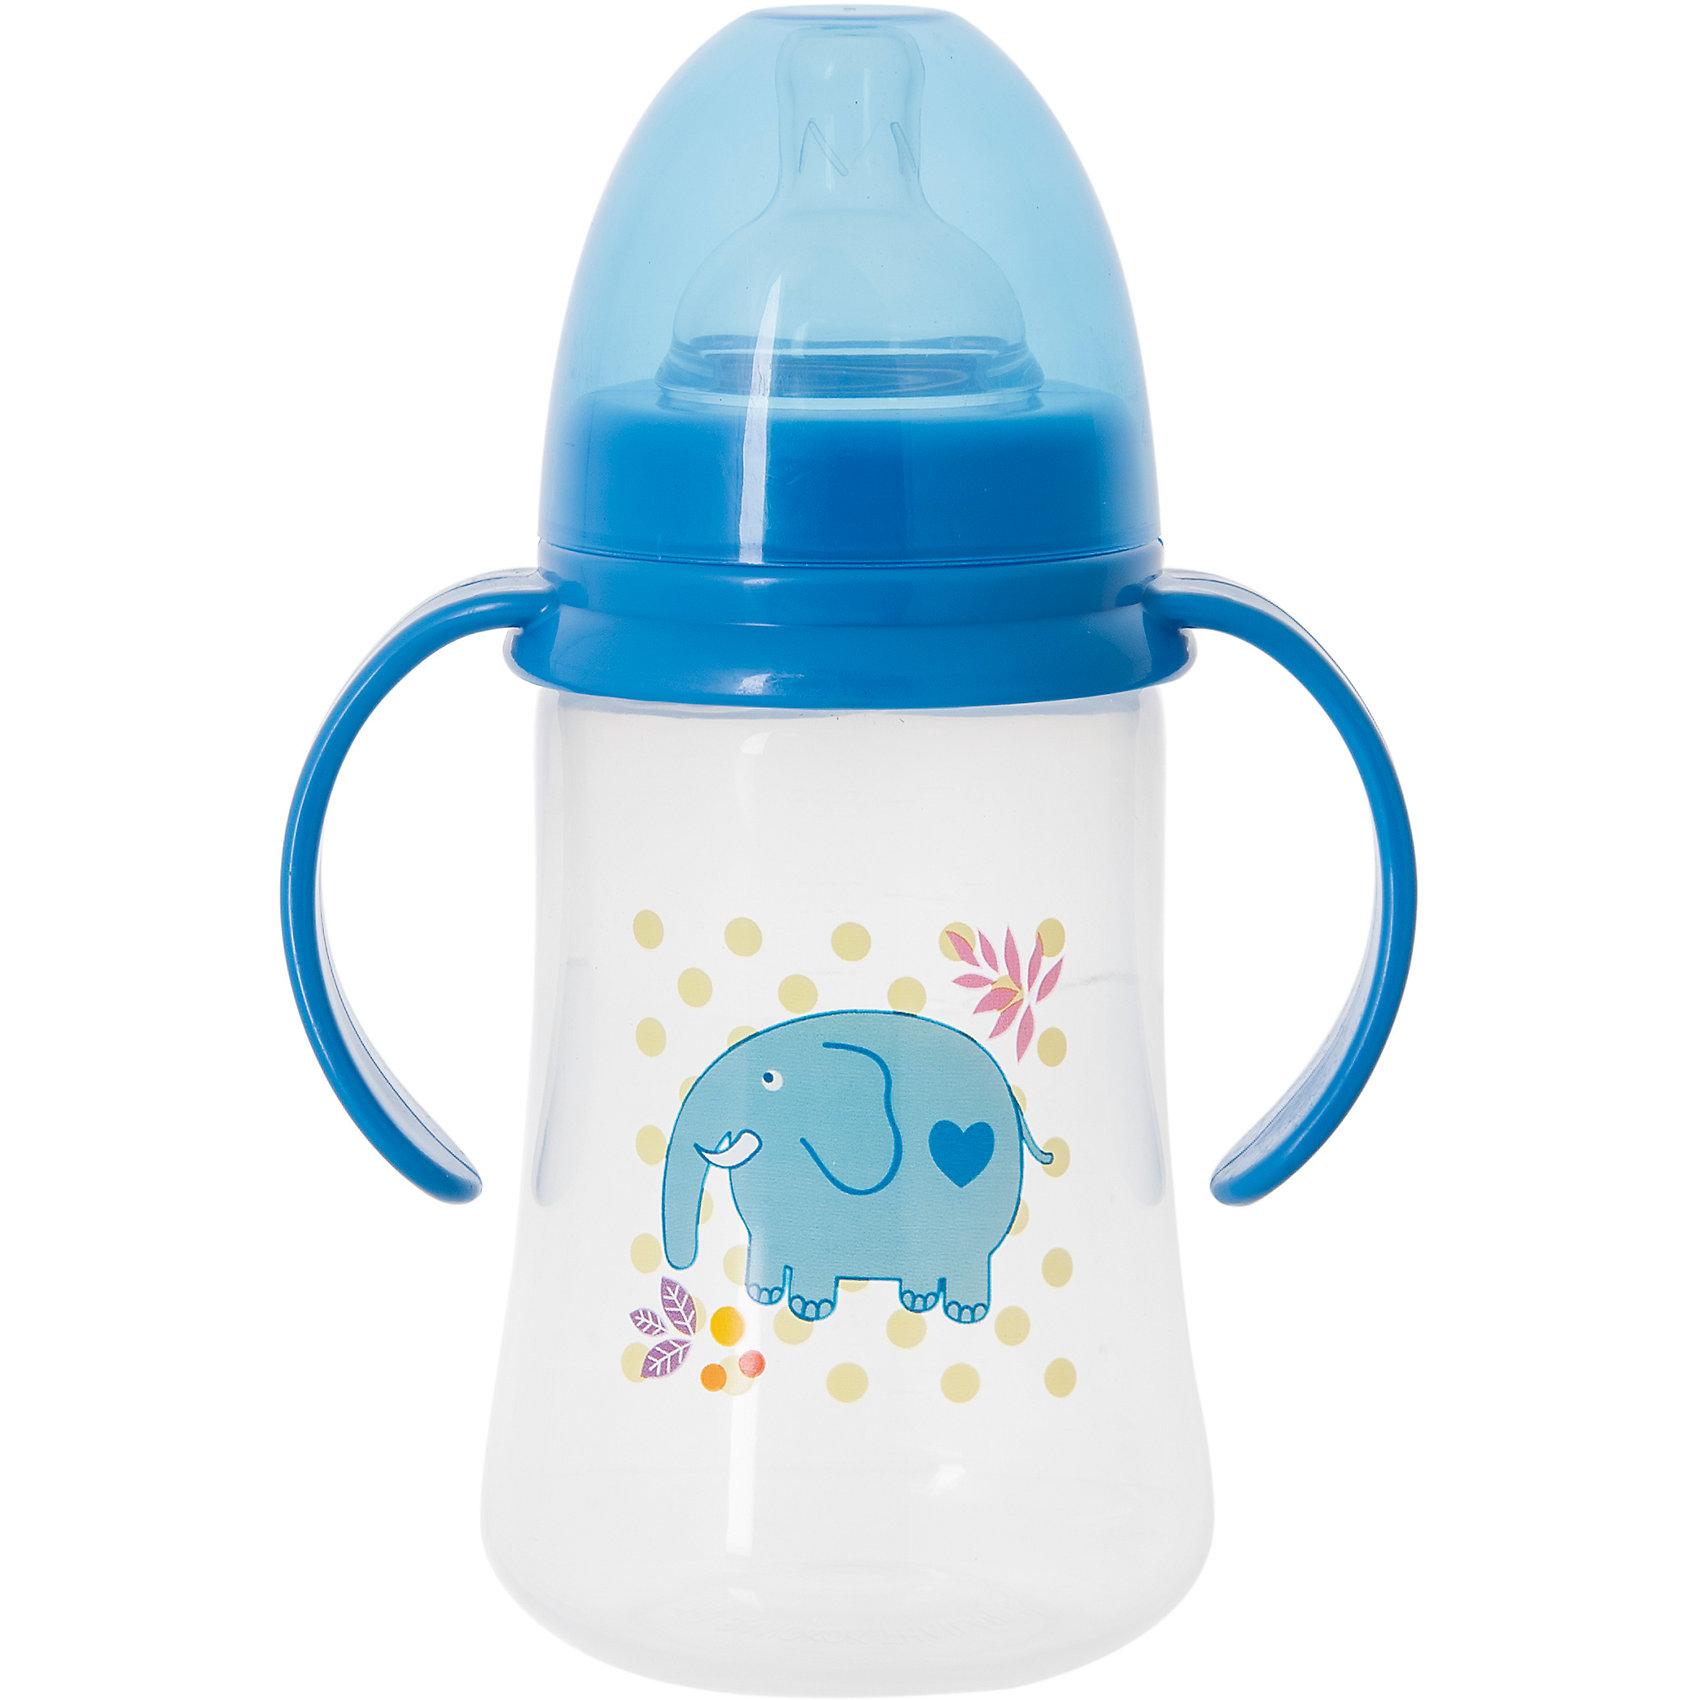 Бутылочка для кормления с ручками и силиконовой соской Слон, 250 мл, Kurnosiki, синийБутылочки и аксессуары<br>Характеристики:<br><br>• Наименование: бутылка для кормления<br>• Рекомендуемый возраст: от 0 месяцев<br>• Пол: для мальчика<br>• Объем: 250 мл<br>• Материал: силикон, пластик<br>• Цвет: голубой<br>• Рисунок: слон<br>• Форма соски: классическая<br>• Поток у соски: медленный<br>• Комплектация: бутылочка, соска, колпачок<br>• Широкое горлышко<br>• Широкое дно<br>• Съемные ручки<br>• Вес: 120 г<br>• Можно использовать в СВЧ и посудомоечной машине<br>• Особенности ухода: регулярная стерилизация и своевременная замена соски<br><br>Бутылочка для кормления с ручками и силиконовой соской, 250 мл, Kurnosiki выполнена из прочного и термостойкого пластика, на котором не появляются царапины и сколы. У бутылочки широкие дно и горлышко, благодаря чему в нее удобно наливать детское питание и без труда отмывать загрязнения. В комплекте предусмотрены съемные ручки, при помощи которых малышу удобно держать бутылочку в руках самостоятельно. Силиконовая соска классической формы, не имеет цвета и запаха, обладает повышенными гипоаллергенными свойствами. <br><br>Изделие выполнено в брендовом дизайне: на бутылочку нанесено изображение слона. Рисунок устойчив к выцветанию и истиранию. Бутылочка для кормления с ручками и силиконовой соской, 250 мл, Kurnosiki – это практичный и стильный предмет для кормления малыша!<br><br>Бутылочку для кормления с ручками и силиконовой соской, 250 мл, Kurnosiki можно купить в нашем интернет-магазине.<br><br>Ширина мм: 335<br>Глубина мм: 434<br>Высота мм: 245<br>Вес г: 108<br>Возраст от месяцев: 0<br>Возраст до месяцев: 18<br>Пол: Мужской<br>Возраст: Детский<br>SKU: 5428790